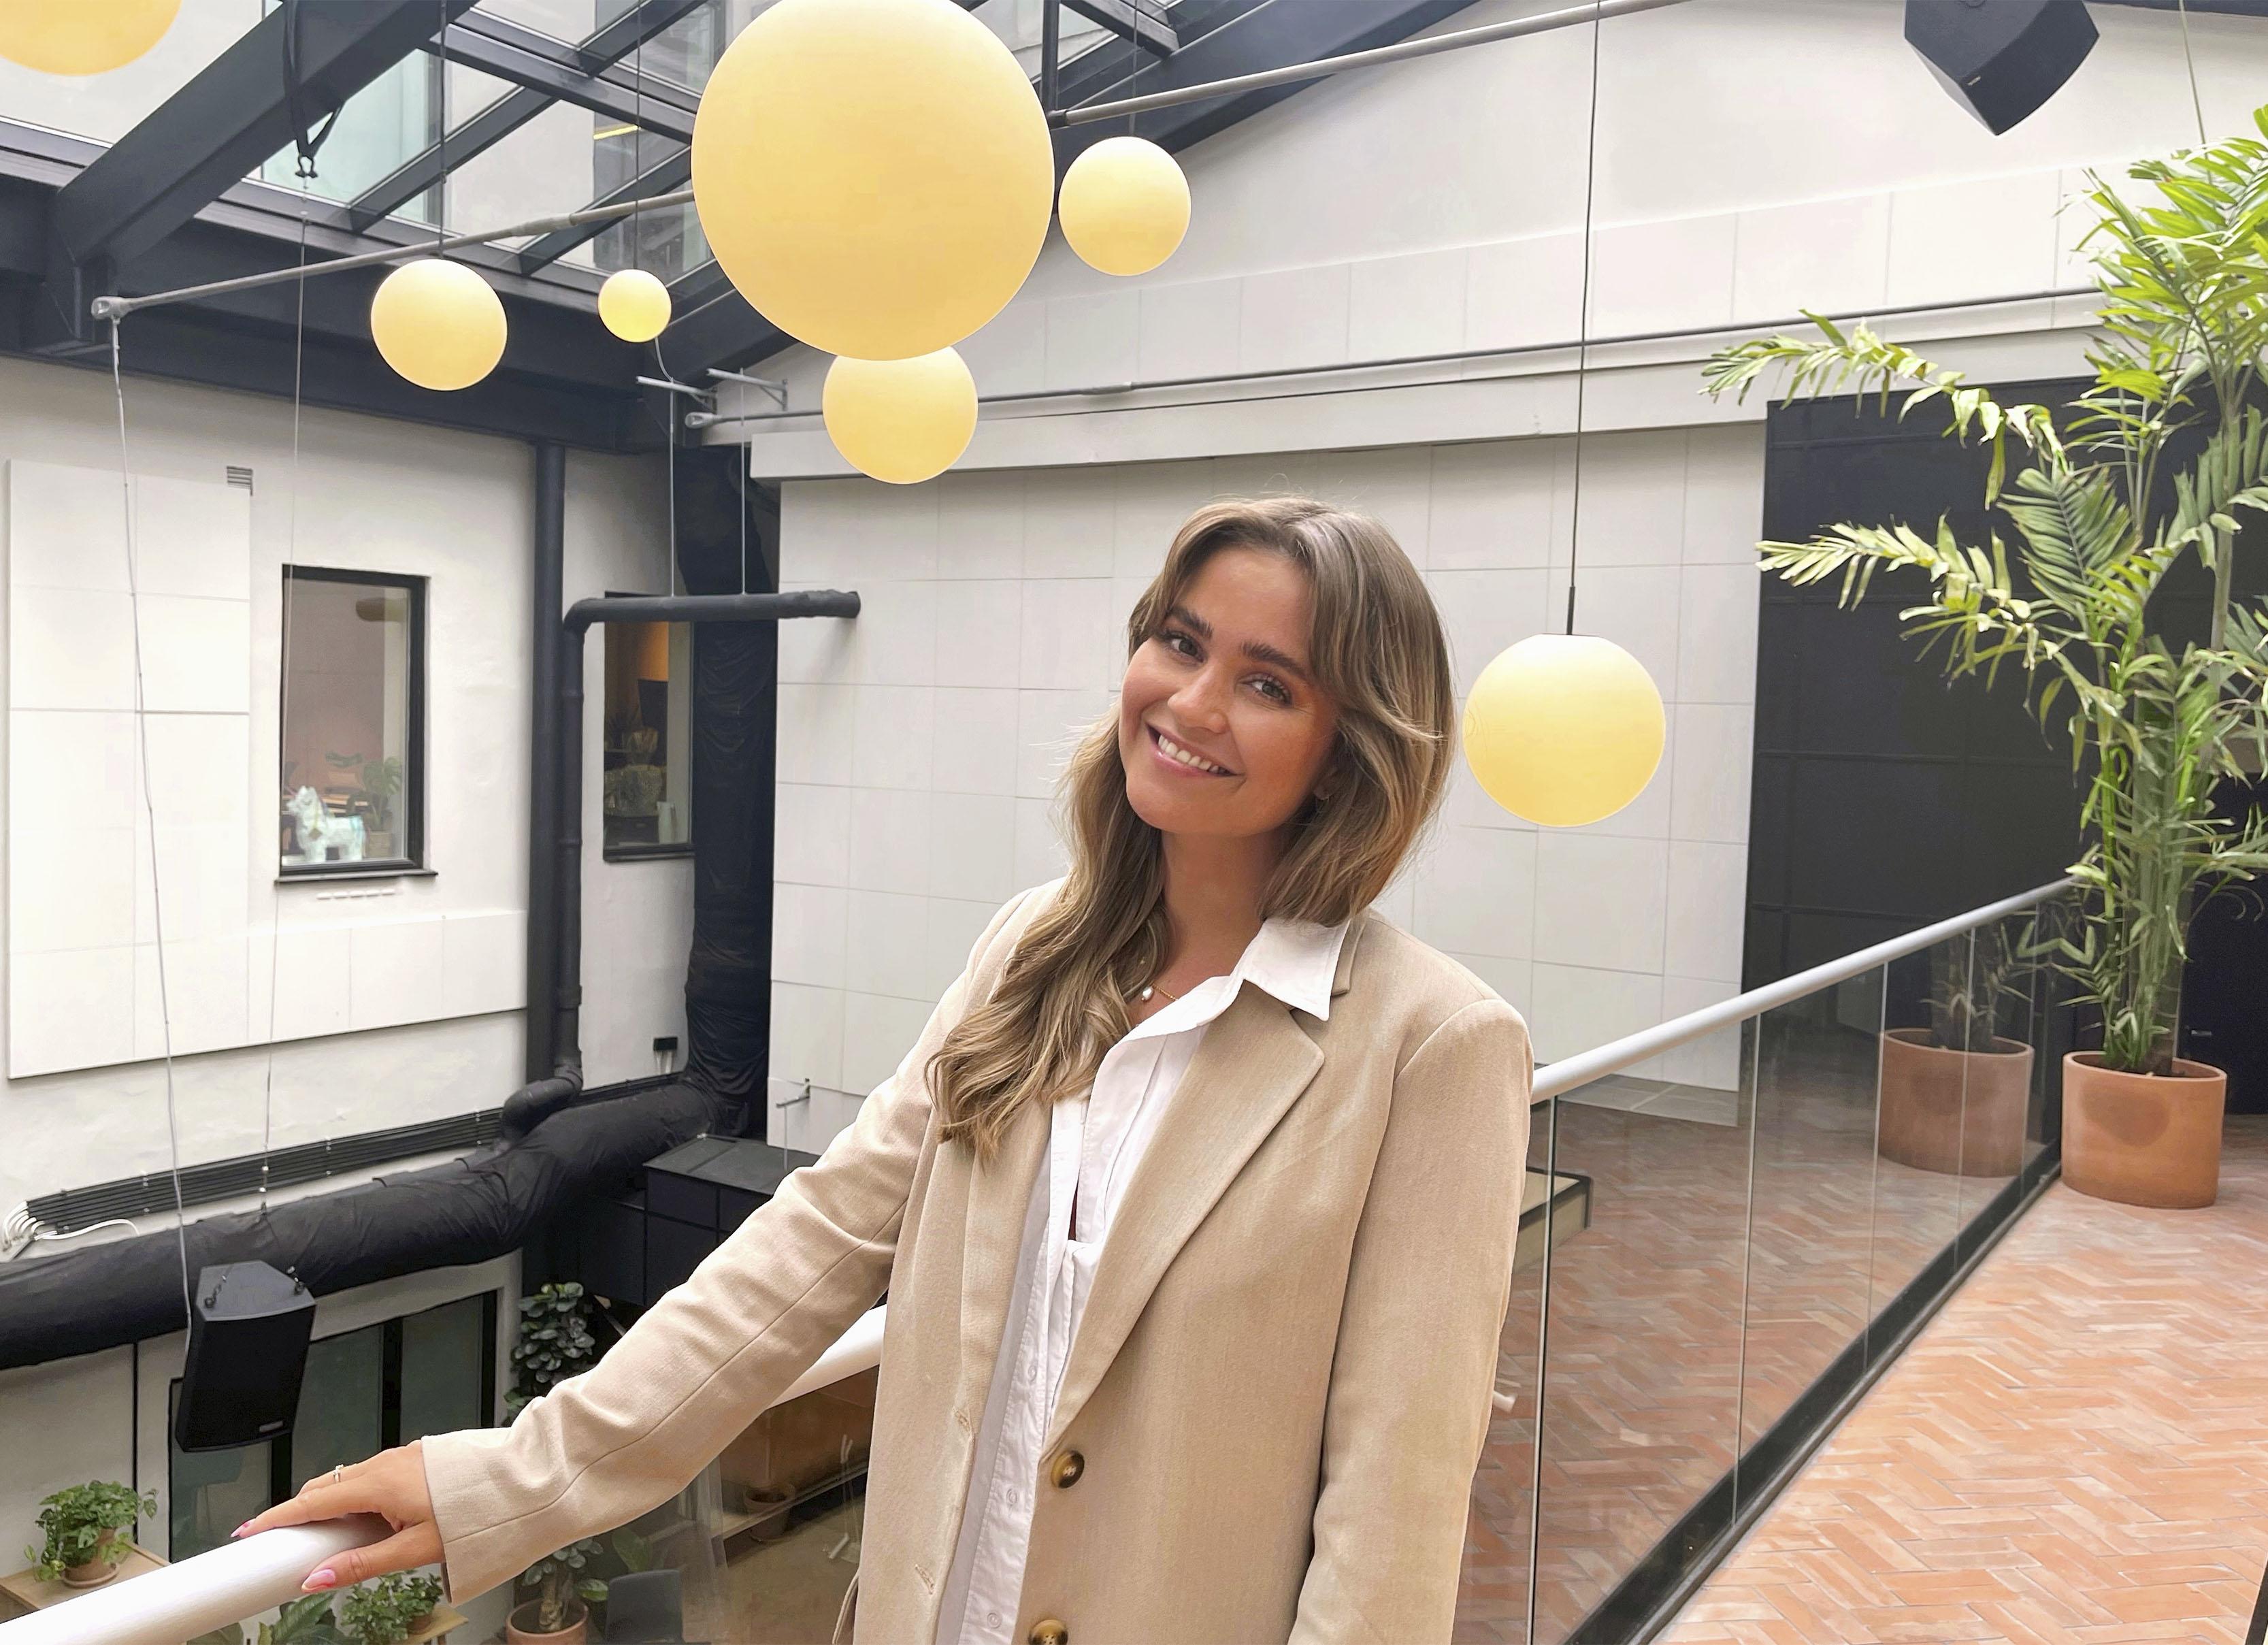 Ingrid søkte internship hos NXT - vi ønsker henne velkommen